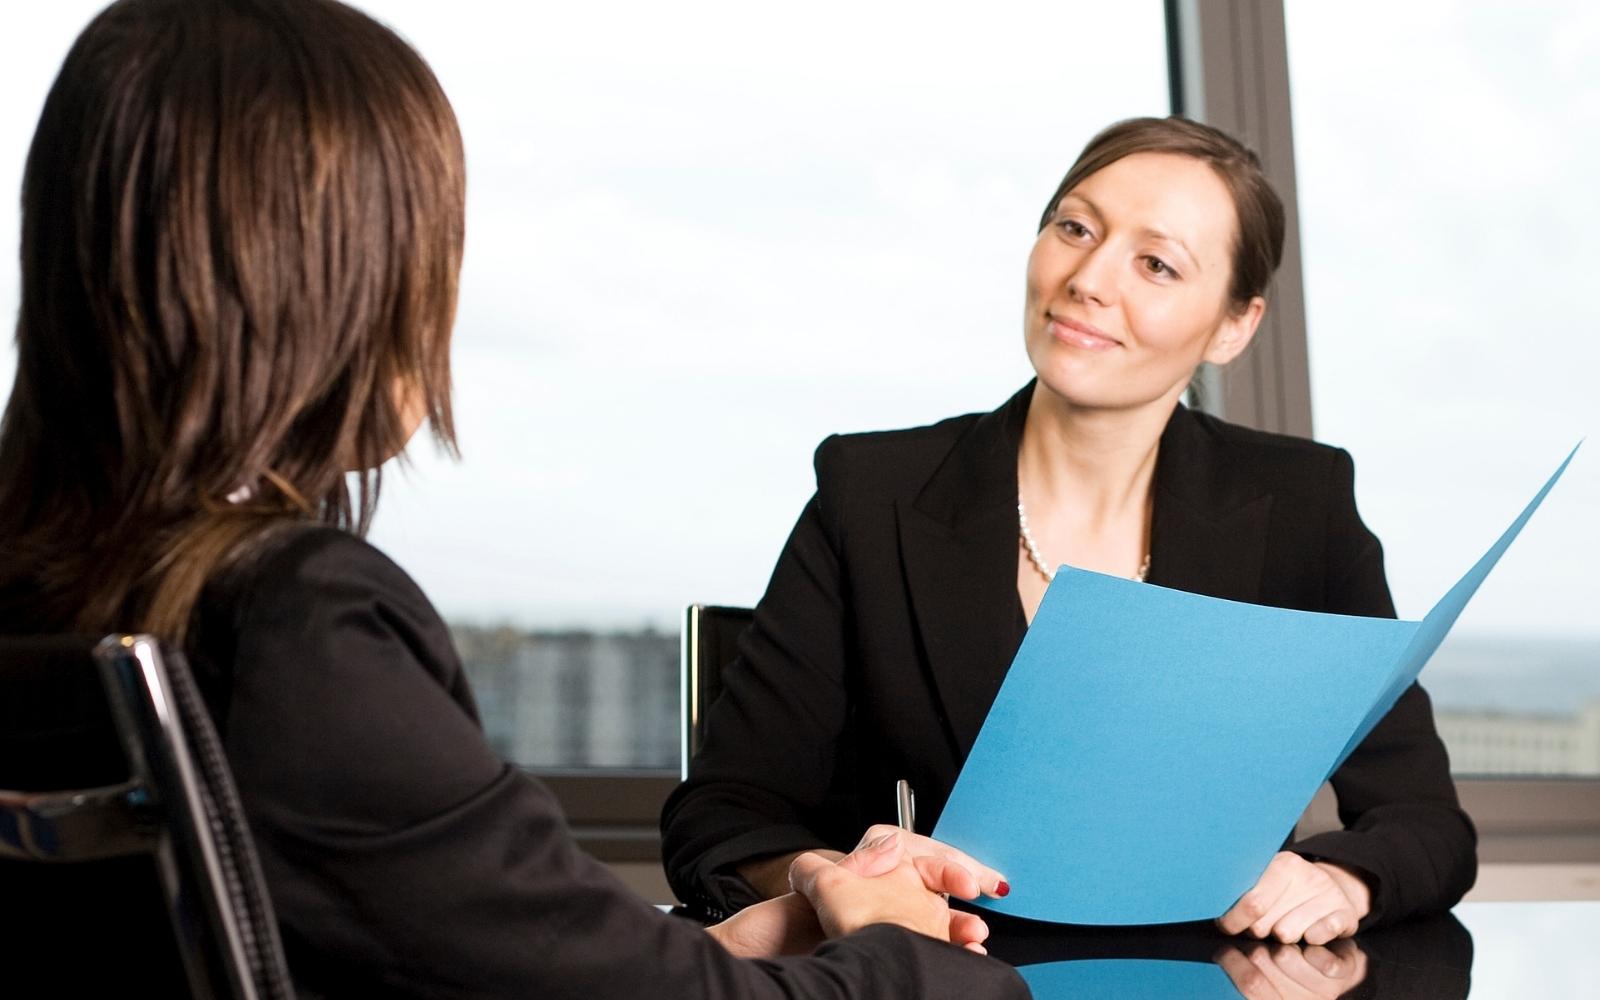 35 dicas para se dar bem em uma entrevista de emprego